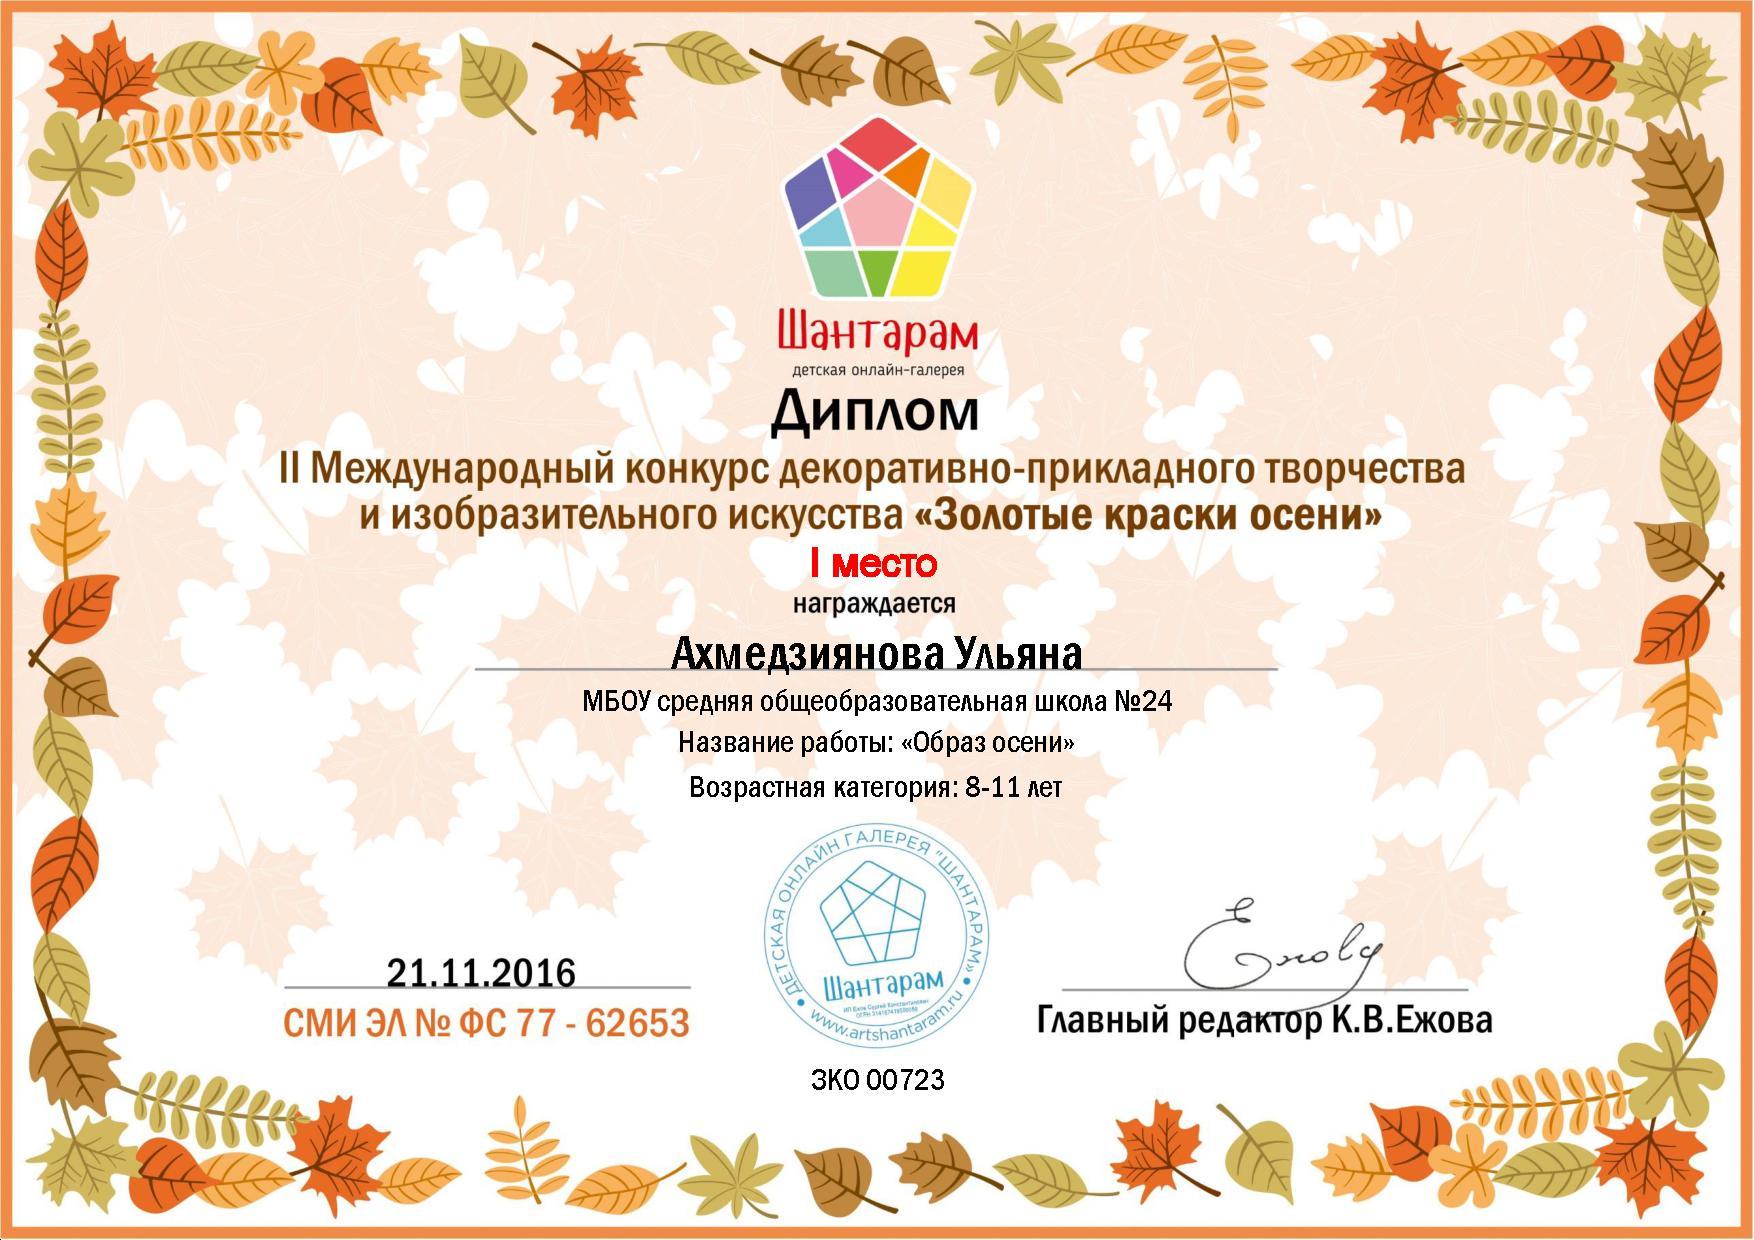 Международные конкурсы по декоративно прикладному творчеству 2017